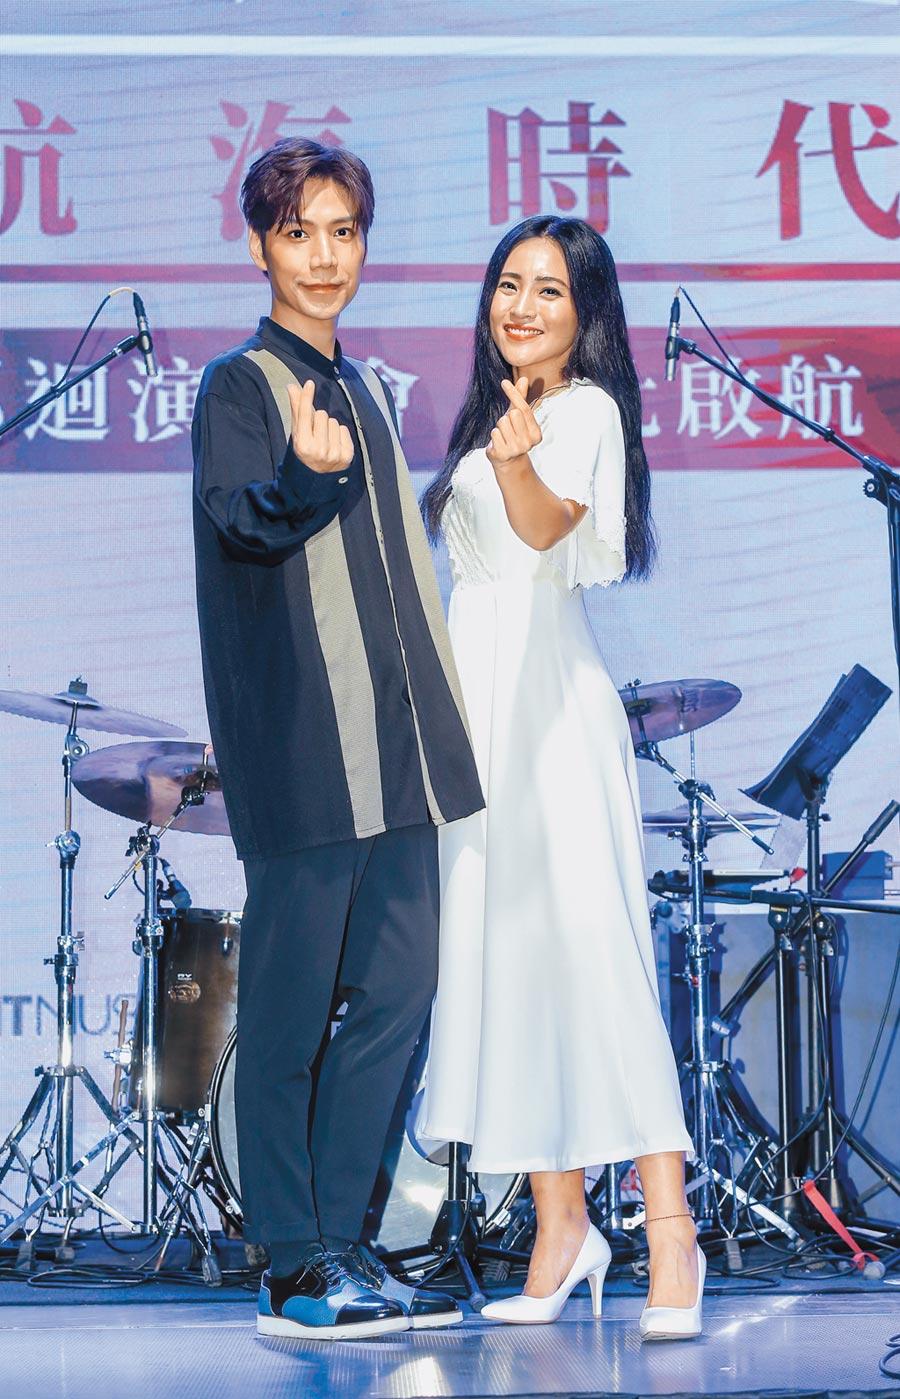 潘裕文(左)跟文珽逅因為之前跑宣傳,兩人變成好朋友。(盧禕祺攝)